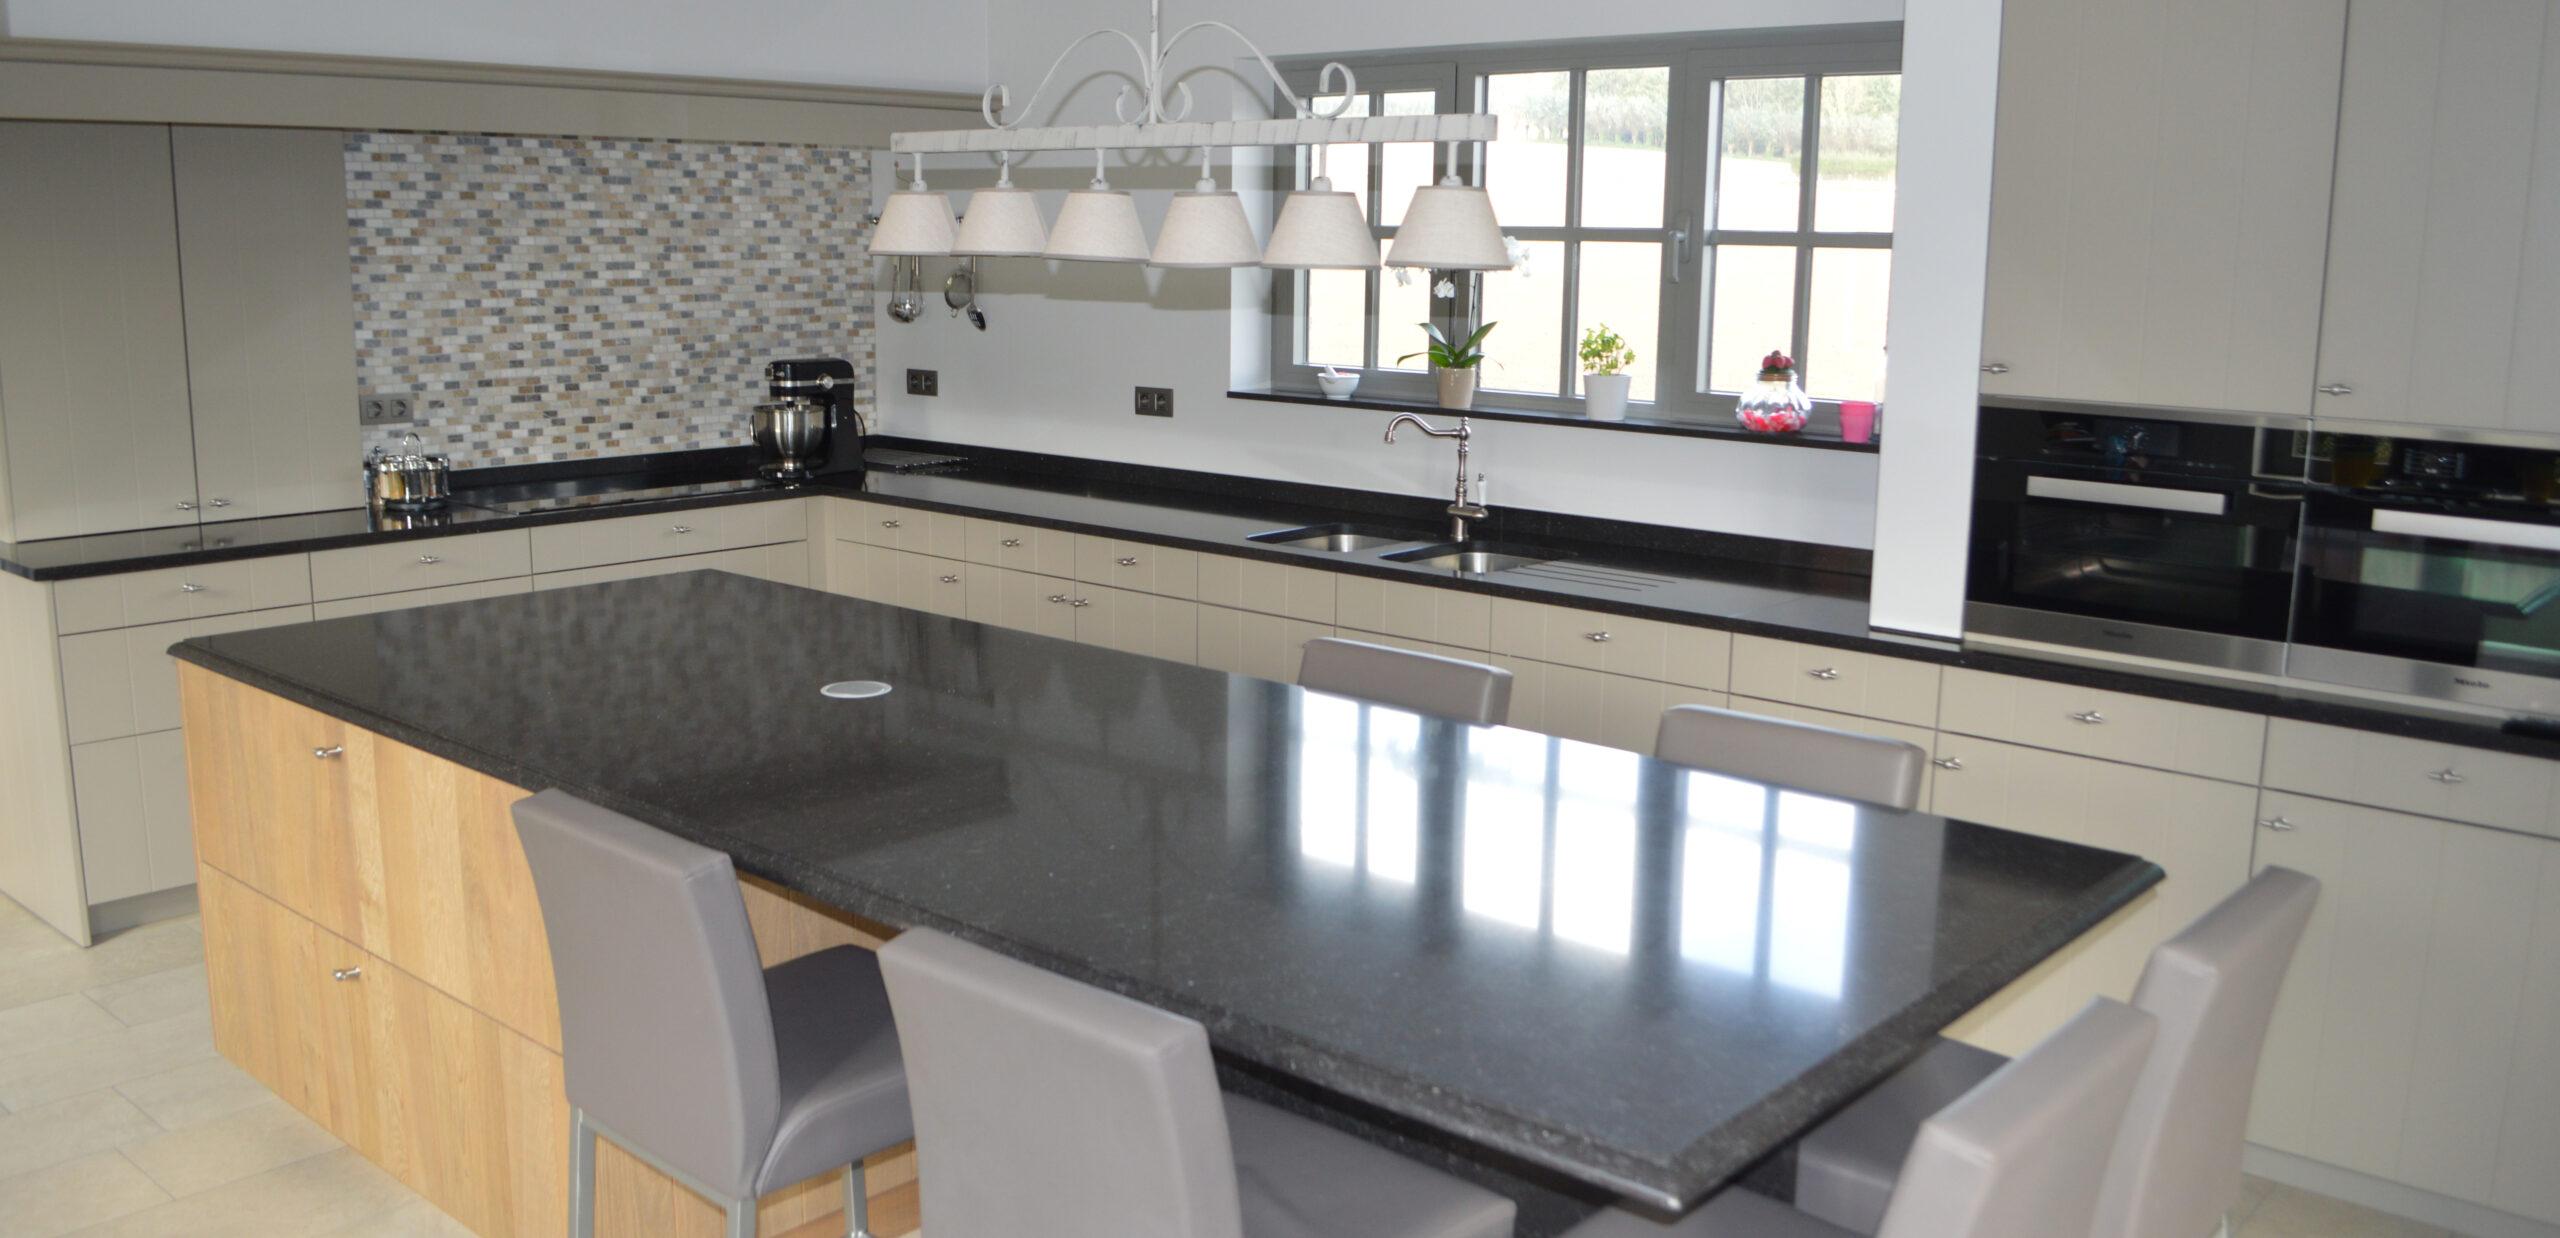 Moderne keuken met keukeneiland en geïntegreerd zitgedeelte - ACK Keukens